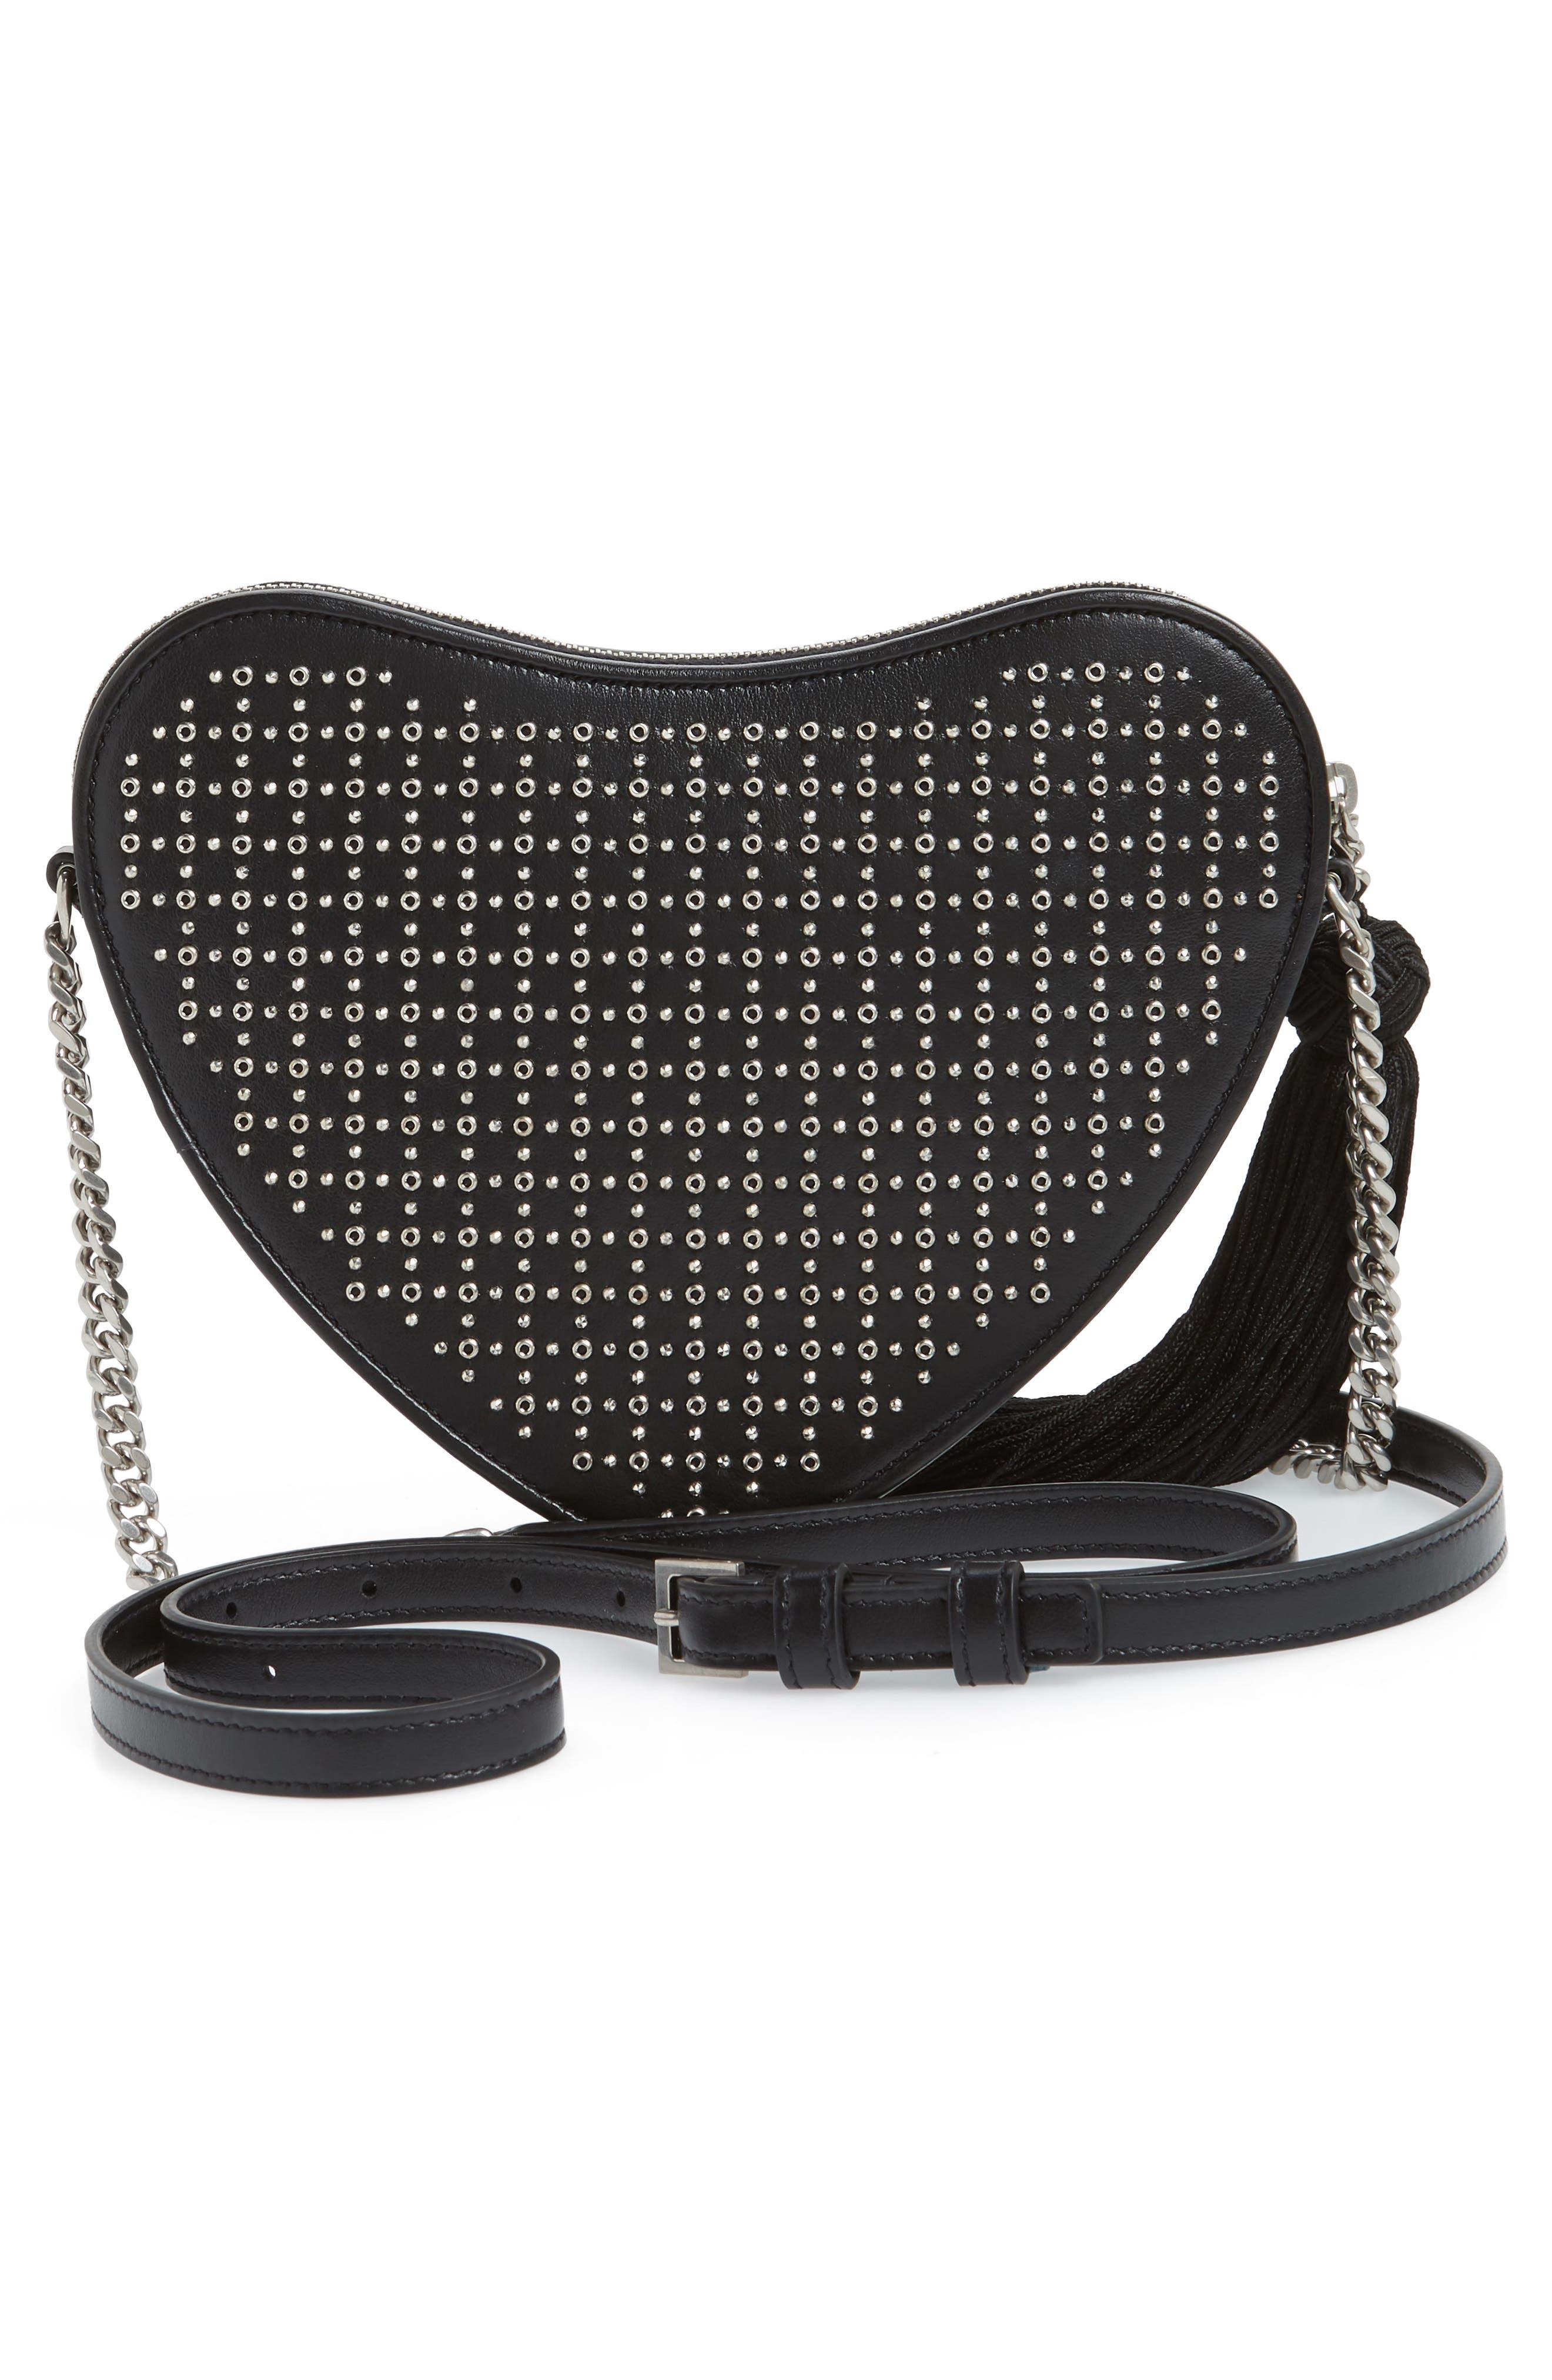 Sac Coeur Studded Leather Crossbody Bag,                             Alternate thumbnail 3, color,                             NOIR/ NOIR